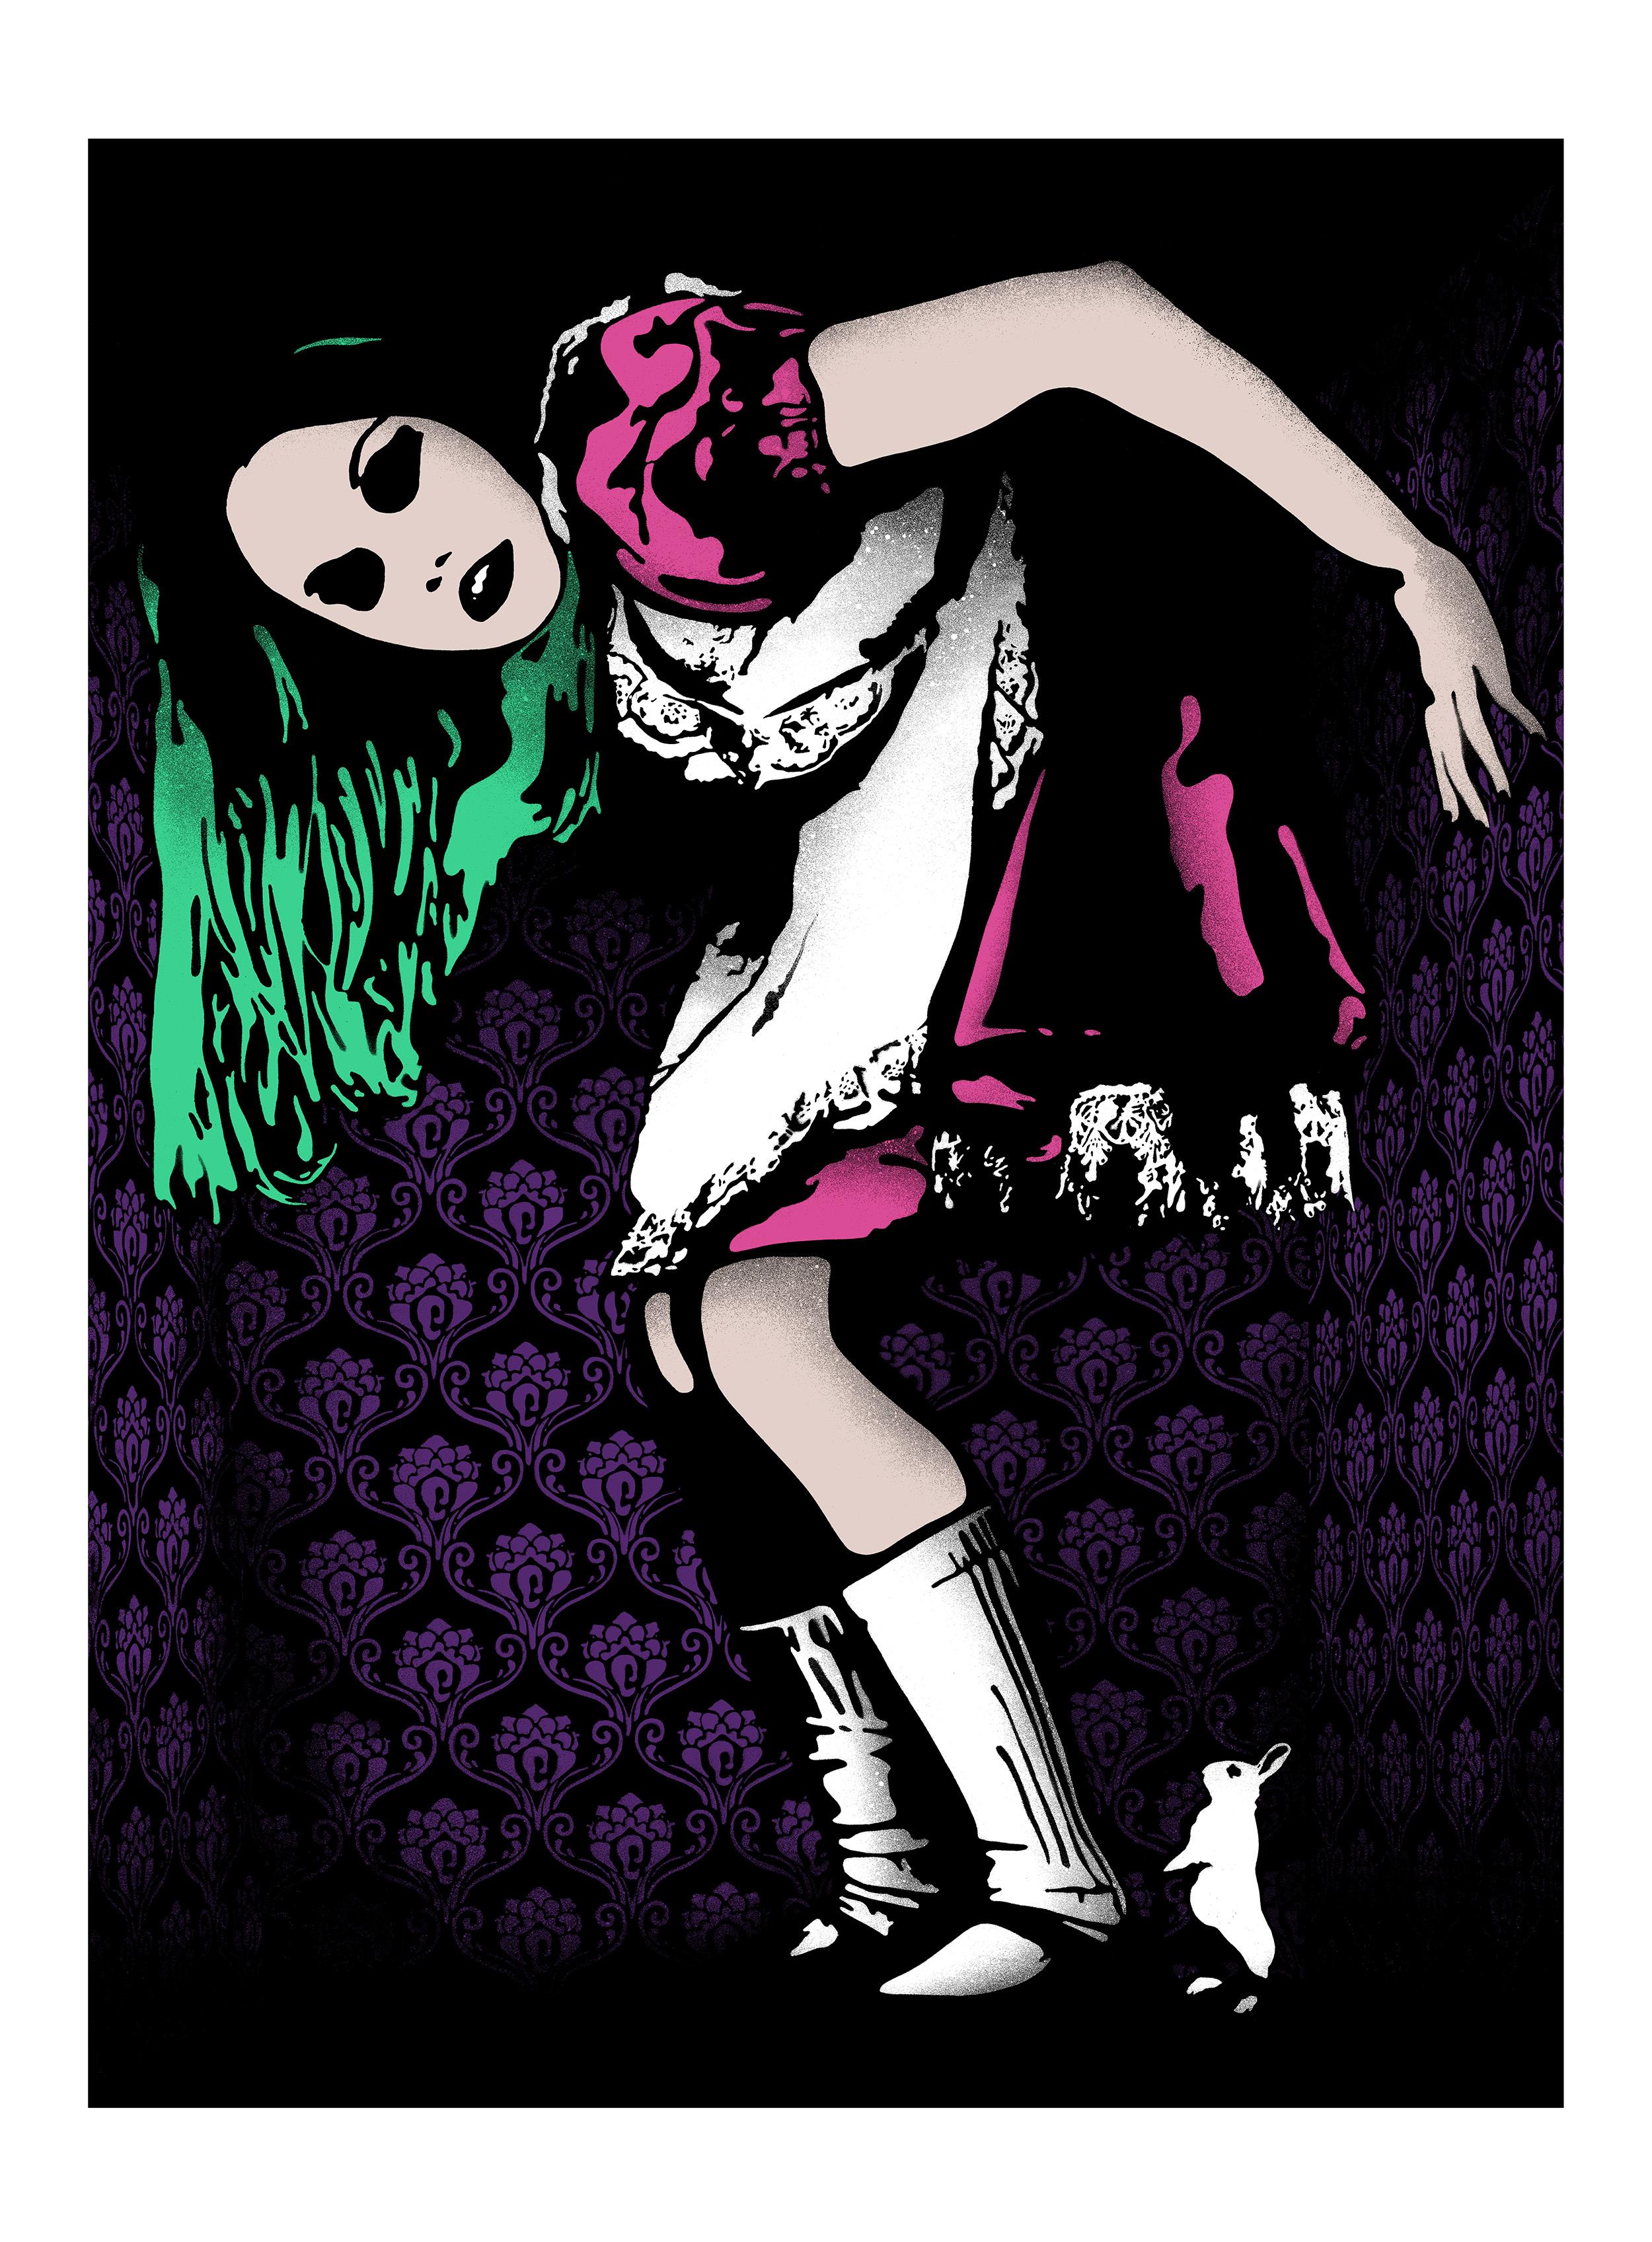 Alice by Eelus